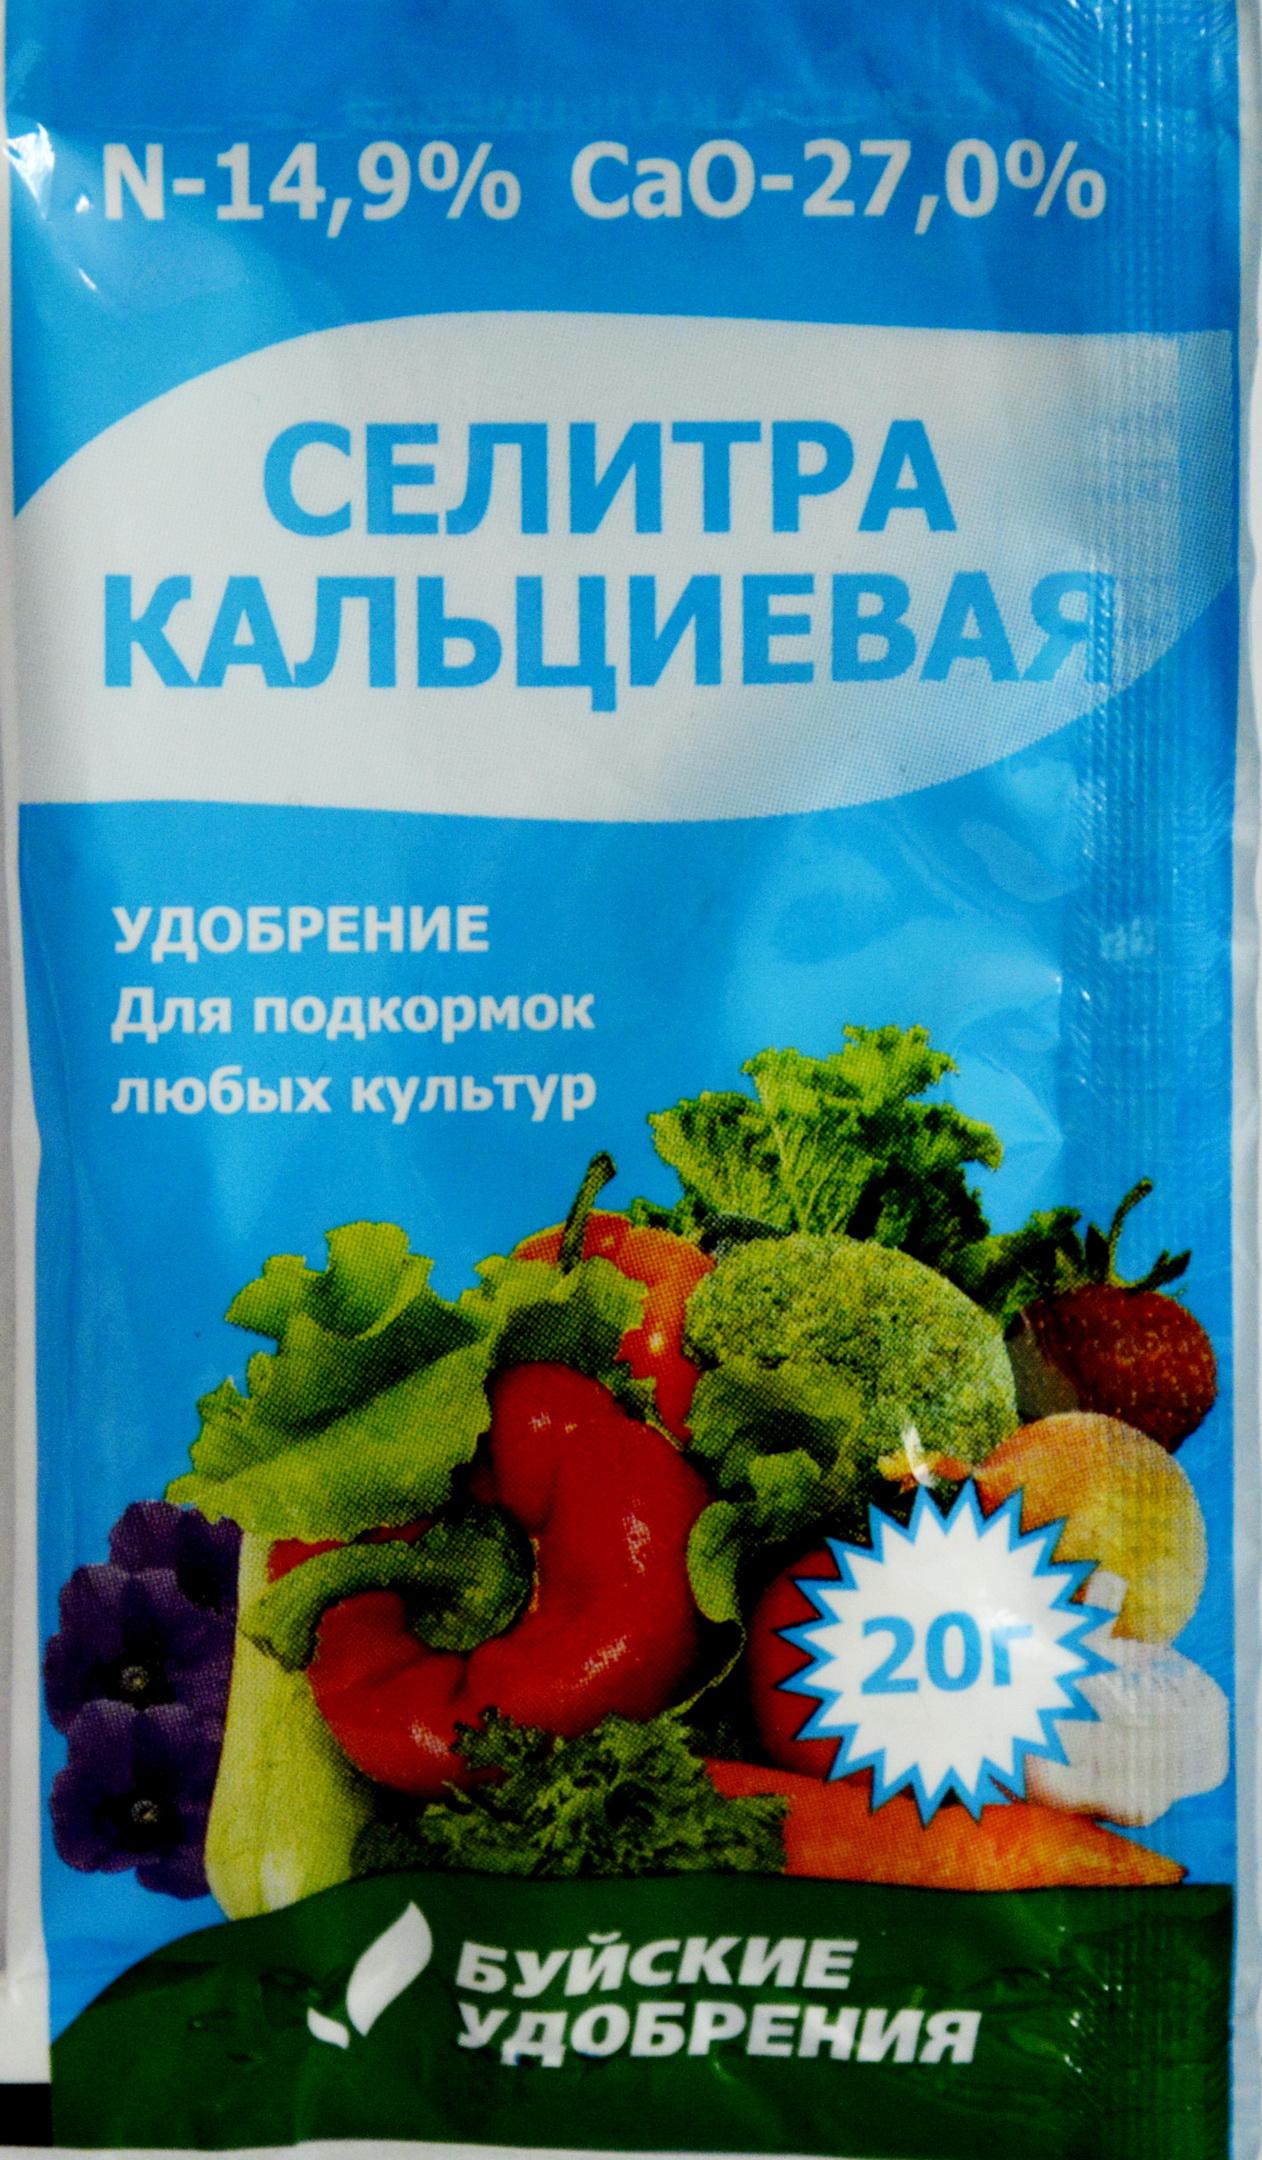 Кальциевая селитра (нитрат кальция) - применение удобрения, свойства, инструкции - почва.нет